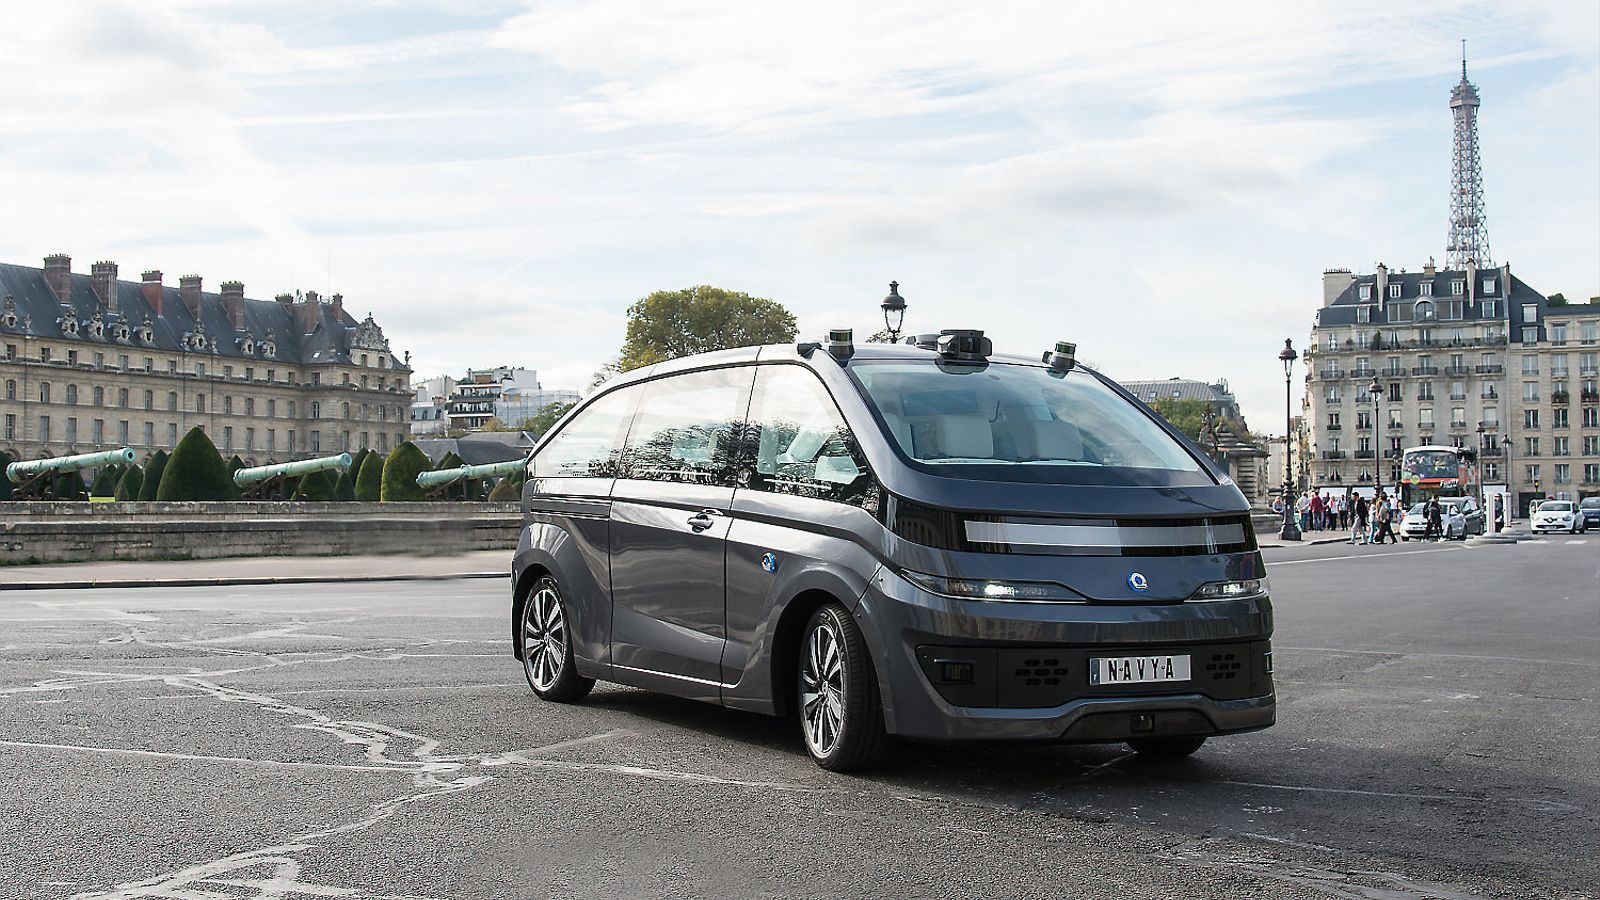 El taxi sense conductor dissenyat per l'empresa Navya.